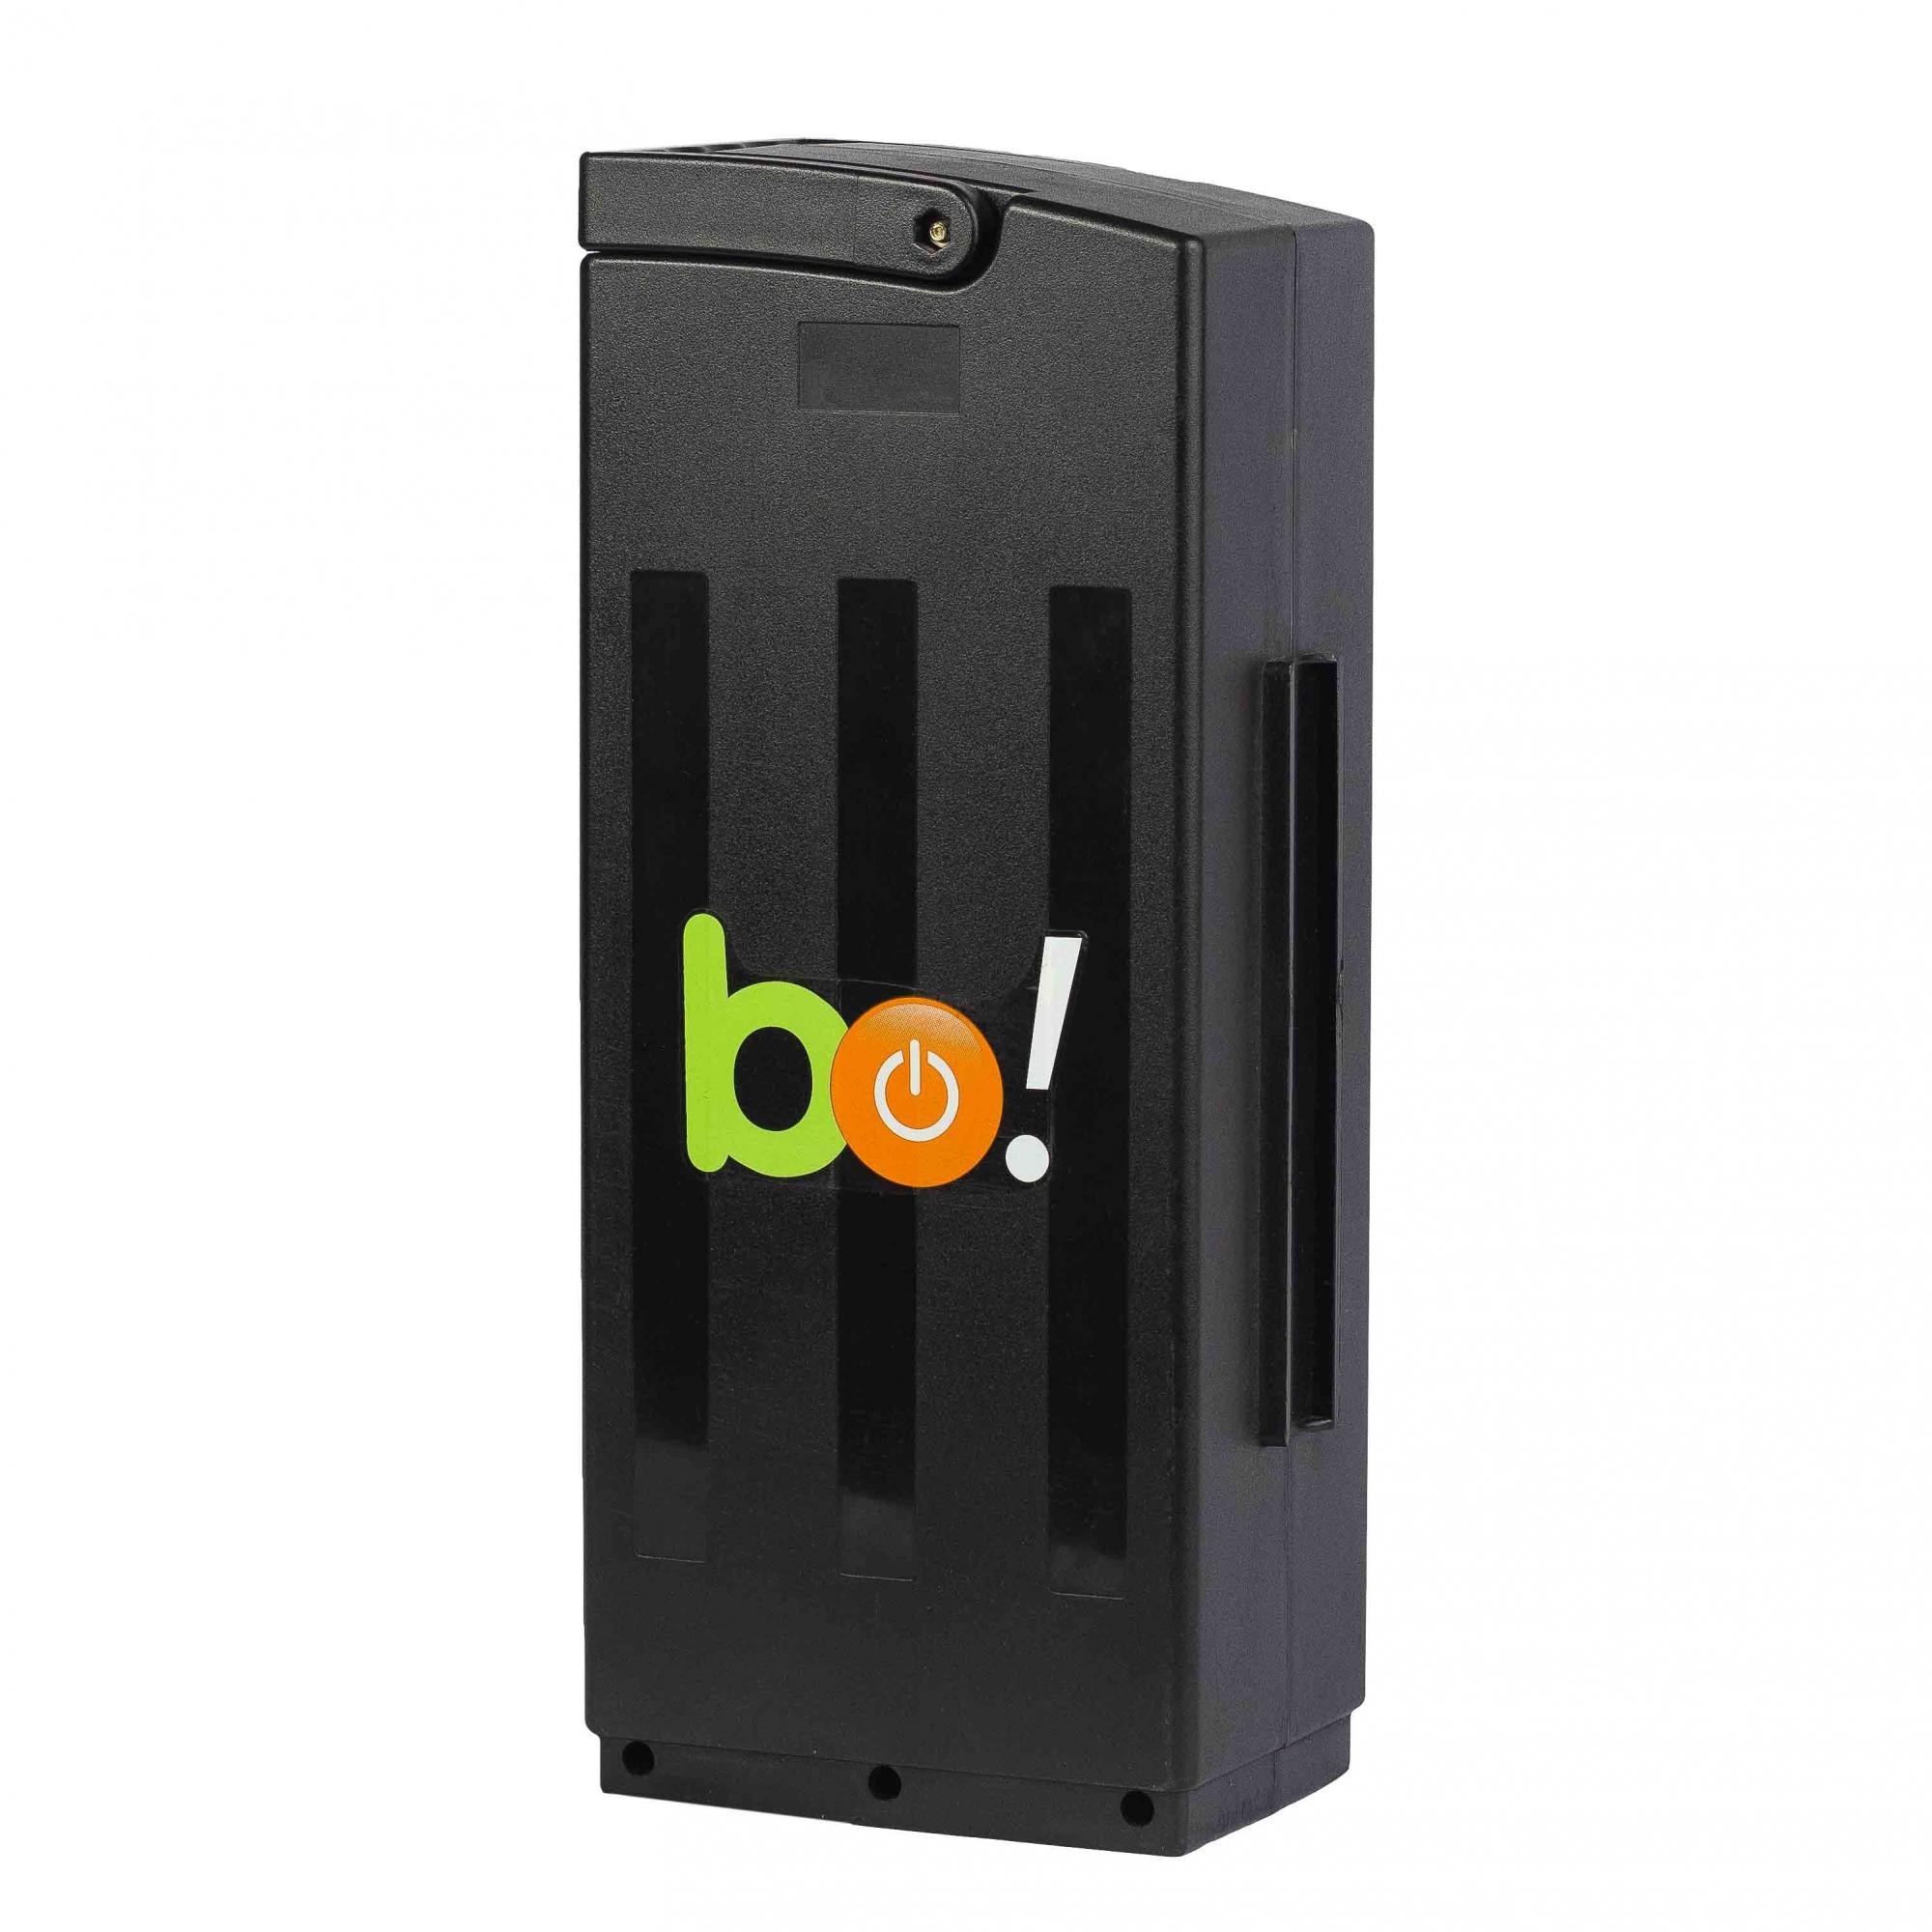 Caixa de Bateria URBANA